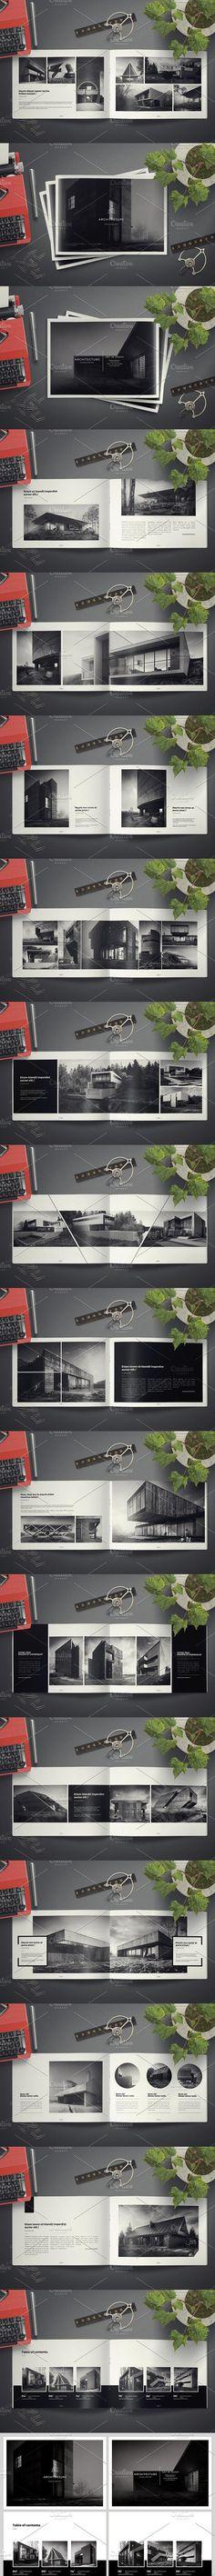 New design presentation layout architecture portfolio Ideas Portfolio Design Layouts, Portfolio D'architecture, Mise En Page Portfolio, Portfolio Examples, Layout Design, Graphisches Design, Design Ideas, Architecture Sketchbook, Space Architecture